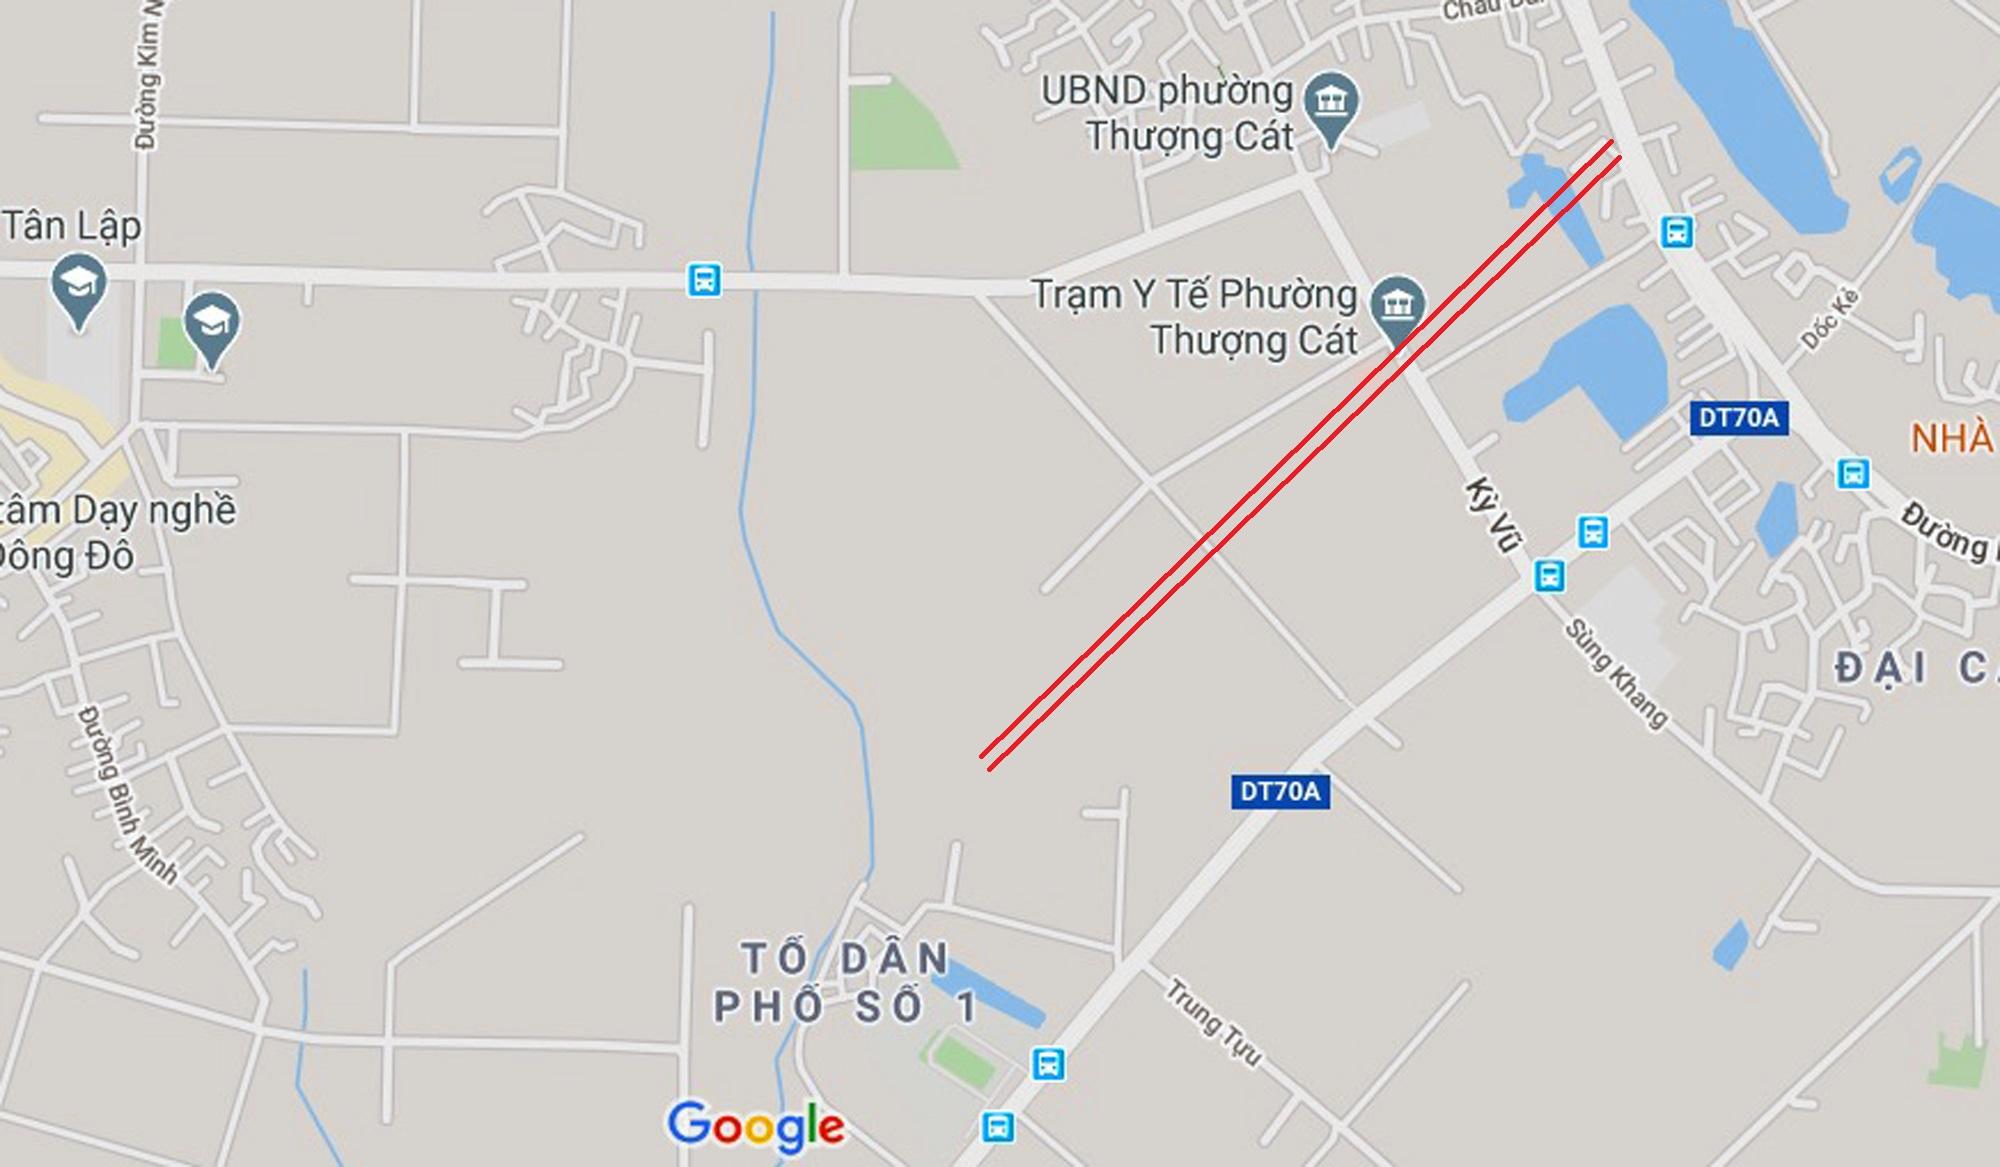 đường sẽ mở theo qui hoạch ở phường Thượng Cát, Bắc Từ Liêm, Hà Nội - Ảnh 8.